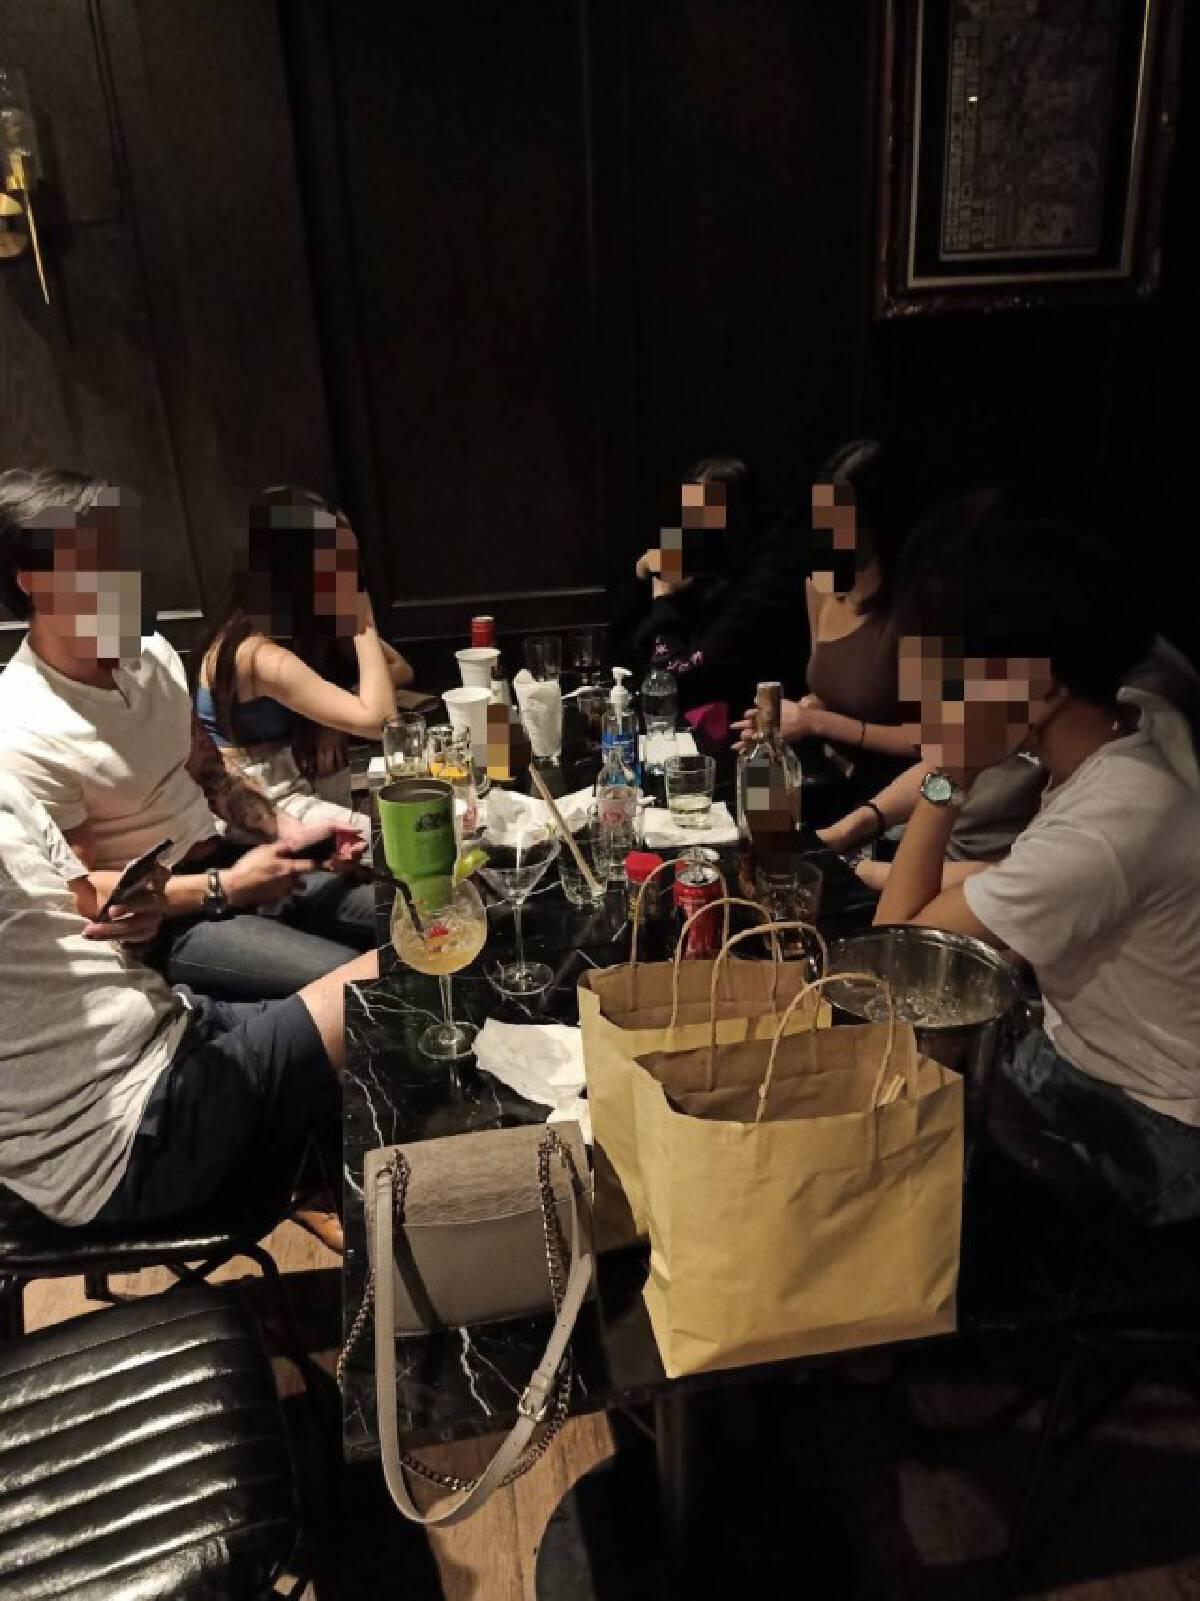 ศาลสั่งจำคุก 1 เดือน 31 นักดื่มไม่สนโควิด เปิดร้านจัดปาร์ตี้